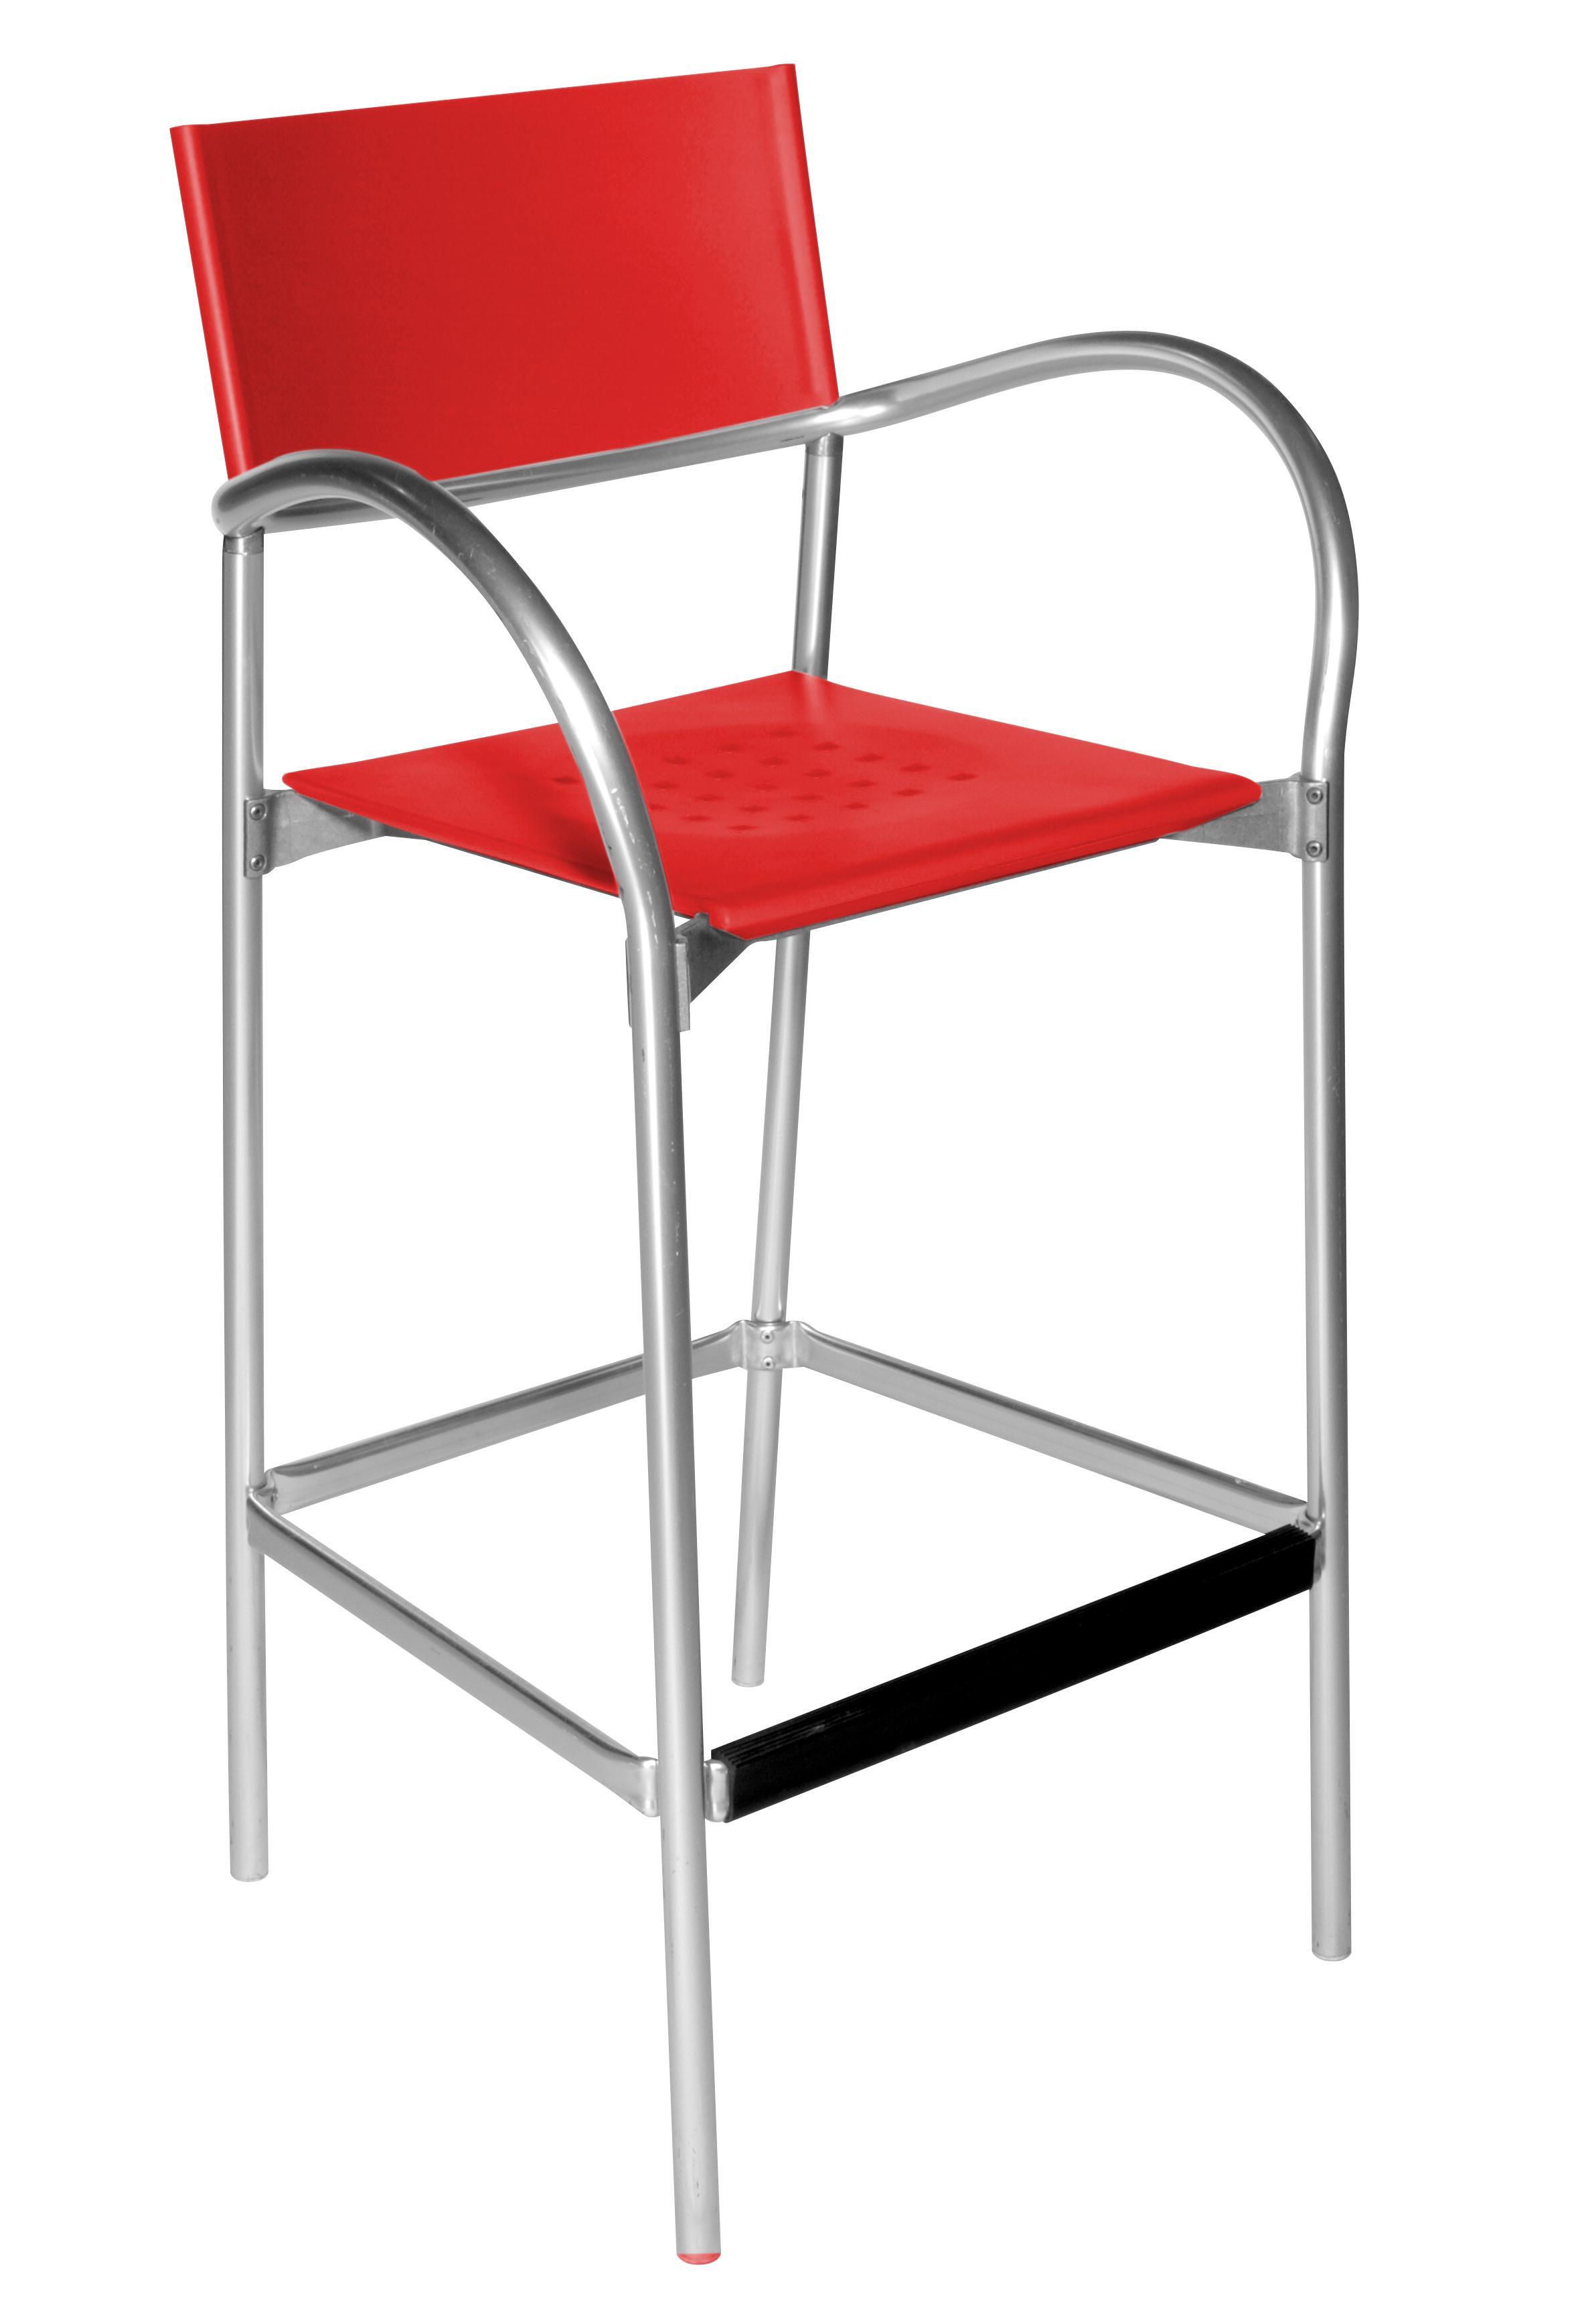 BREEZE Designer-Barhocker Outdoor-geeignet (Carlo Bartoli, Segis), rot / schwarz / weiß, mit Lehnen - MEGA-reduziert!